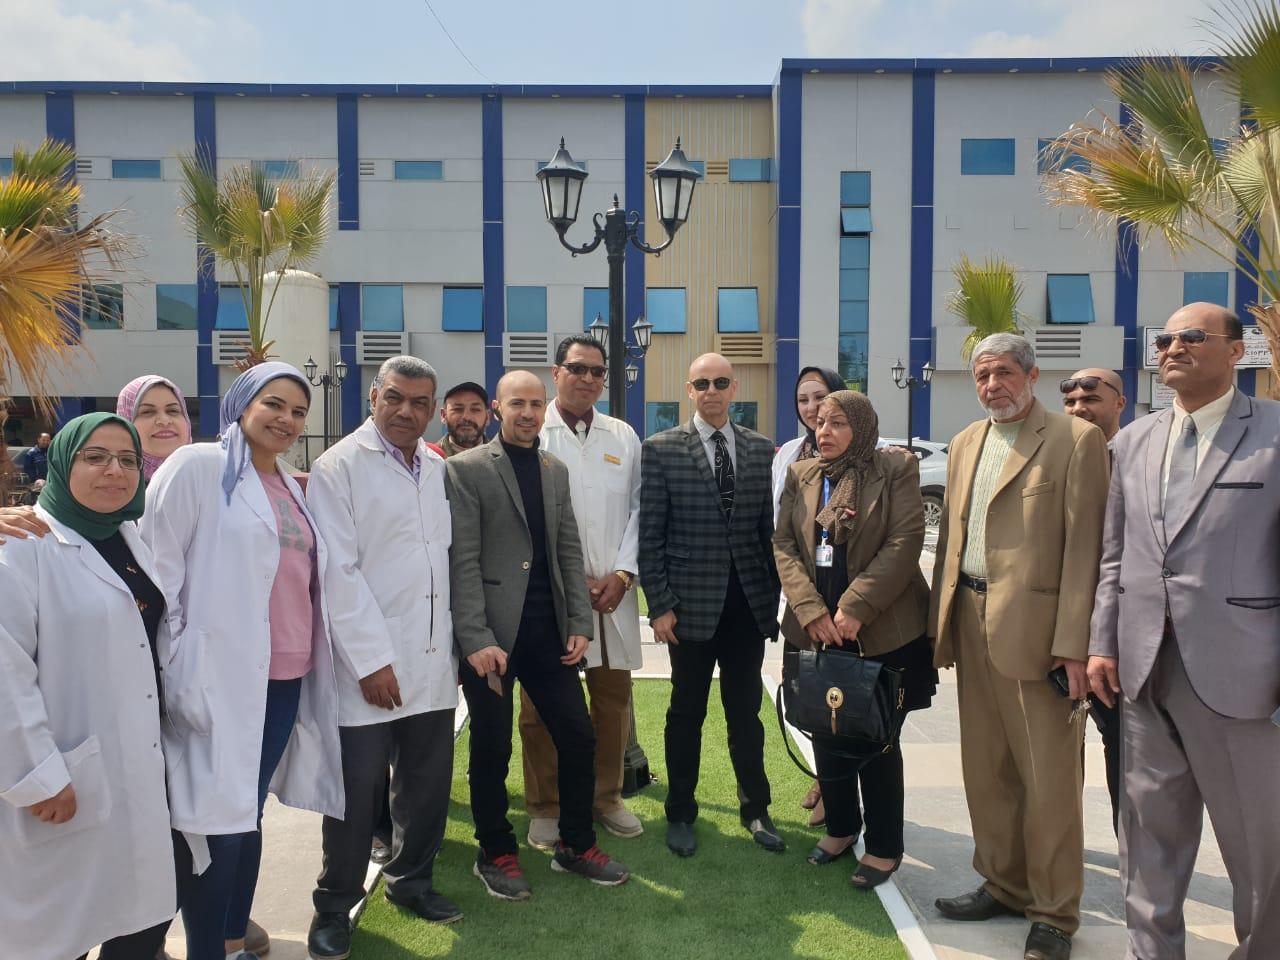 صورة وكيل صحة الشرقية بمستشفى القنايات لمتابعة 100 مليون صحة